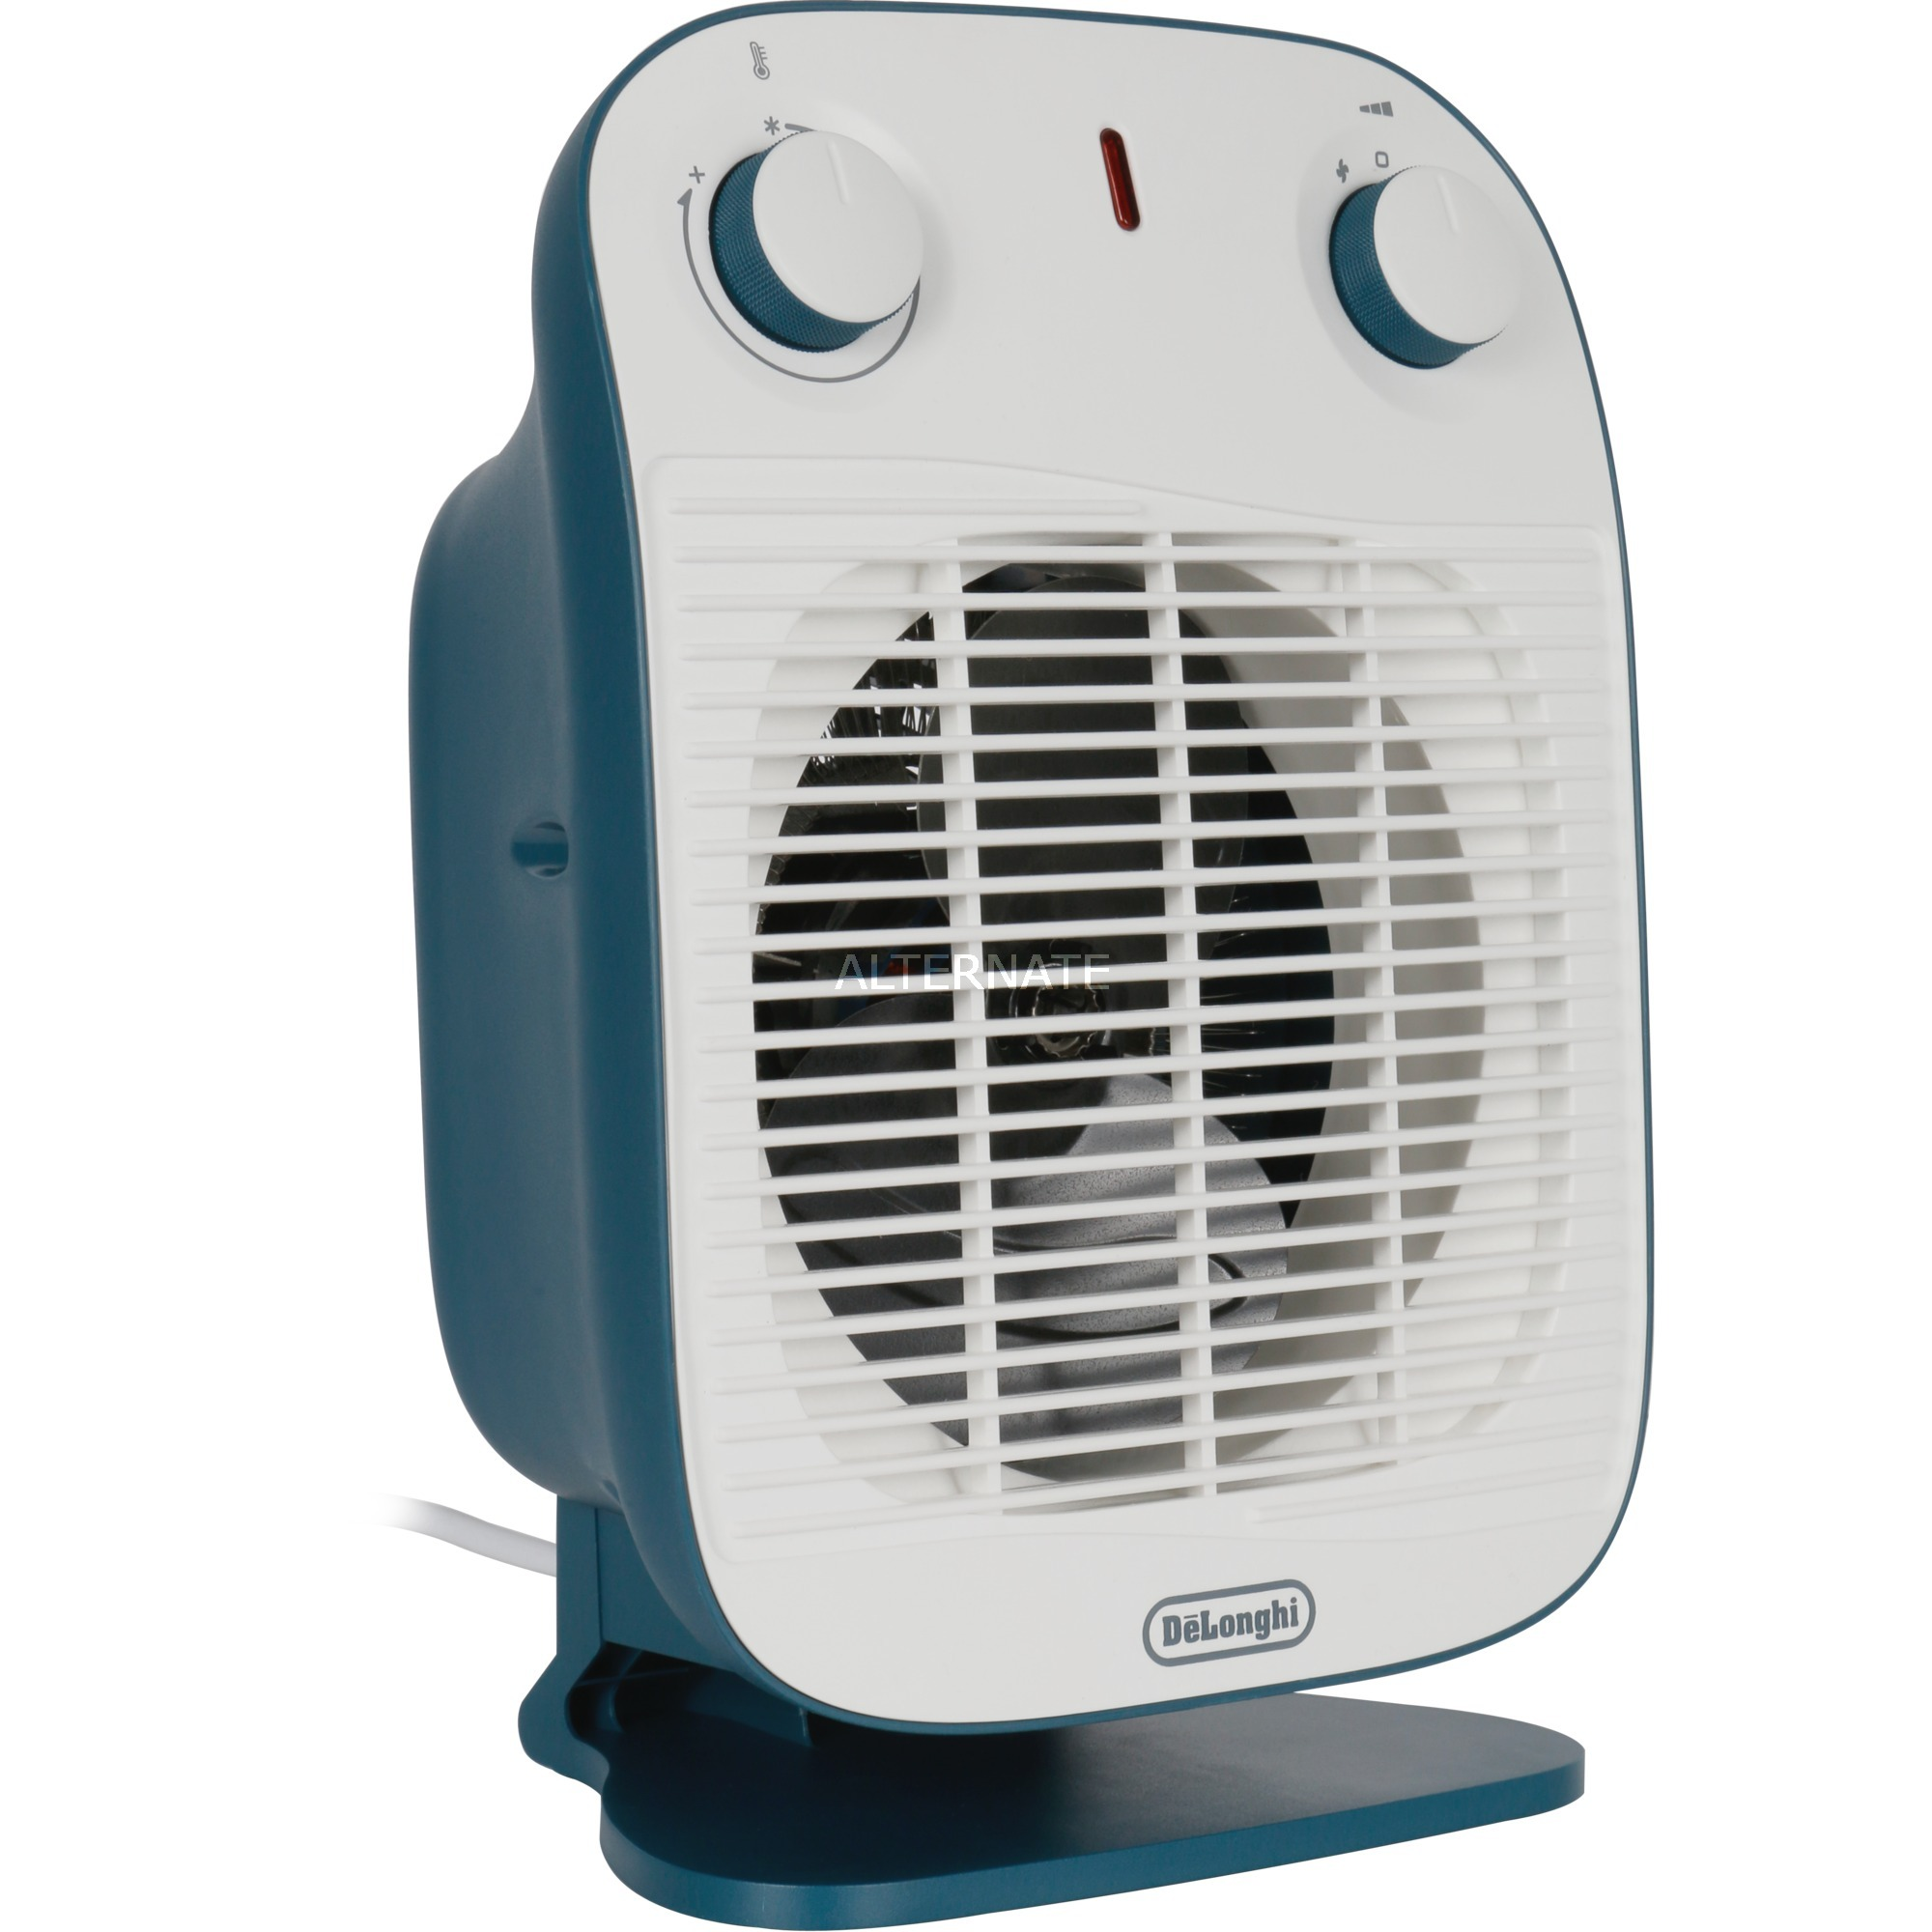 HFS50B20.AV Interior Azul 2000W Calentador eléctrico de ventilador, Termoventiladores